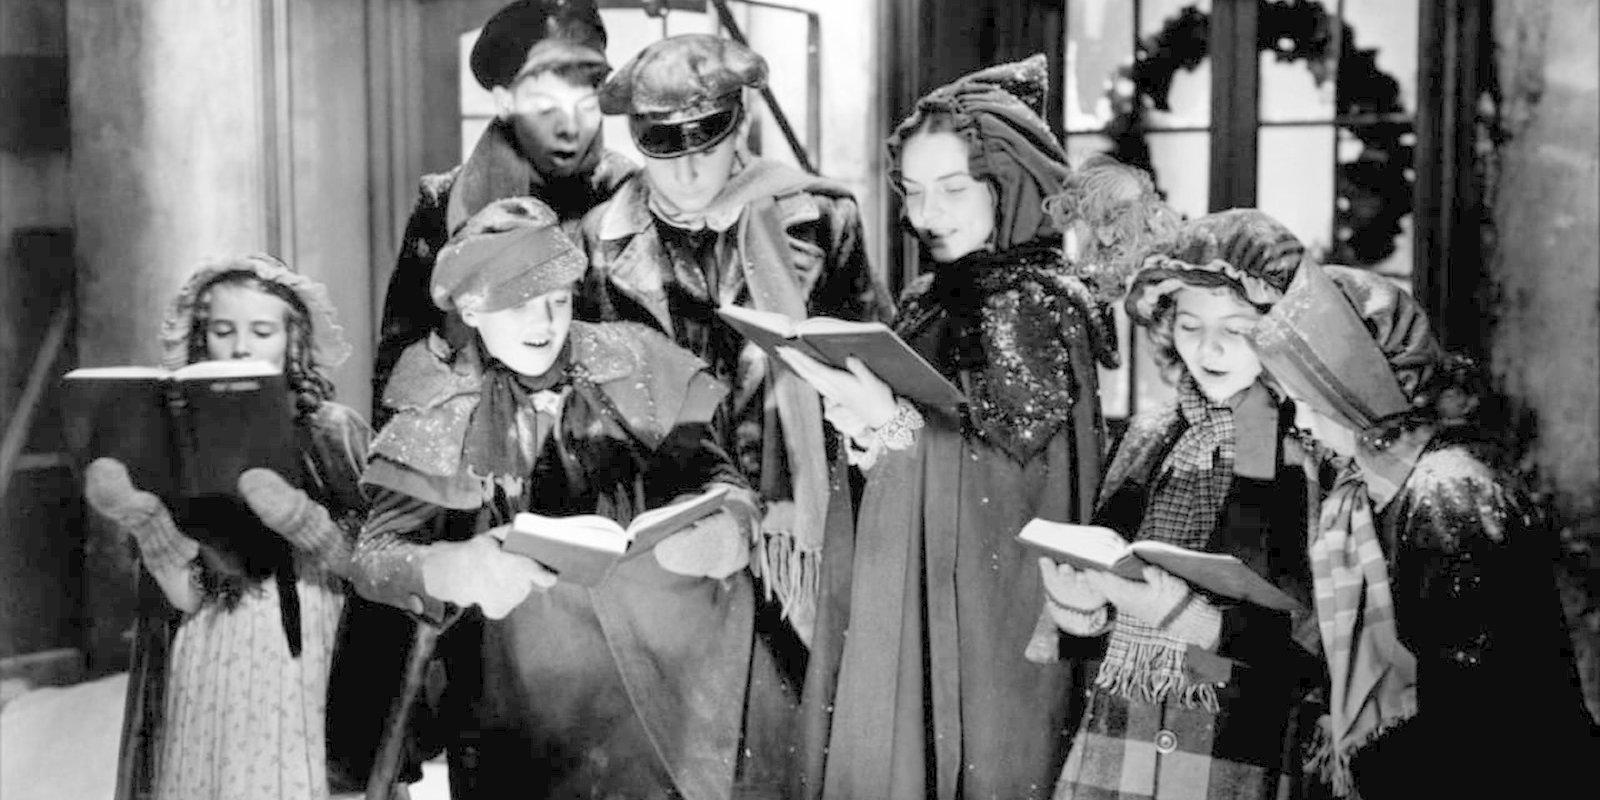 Кадр из фильма «Рождественский гимн». Режиссер Эдвин Л. Марин. 1938 год